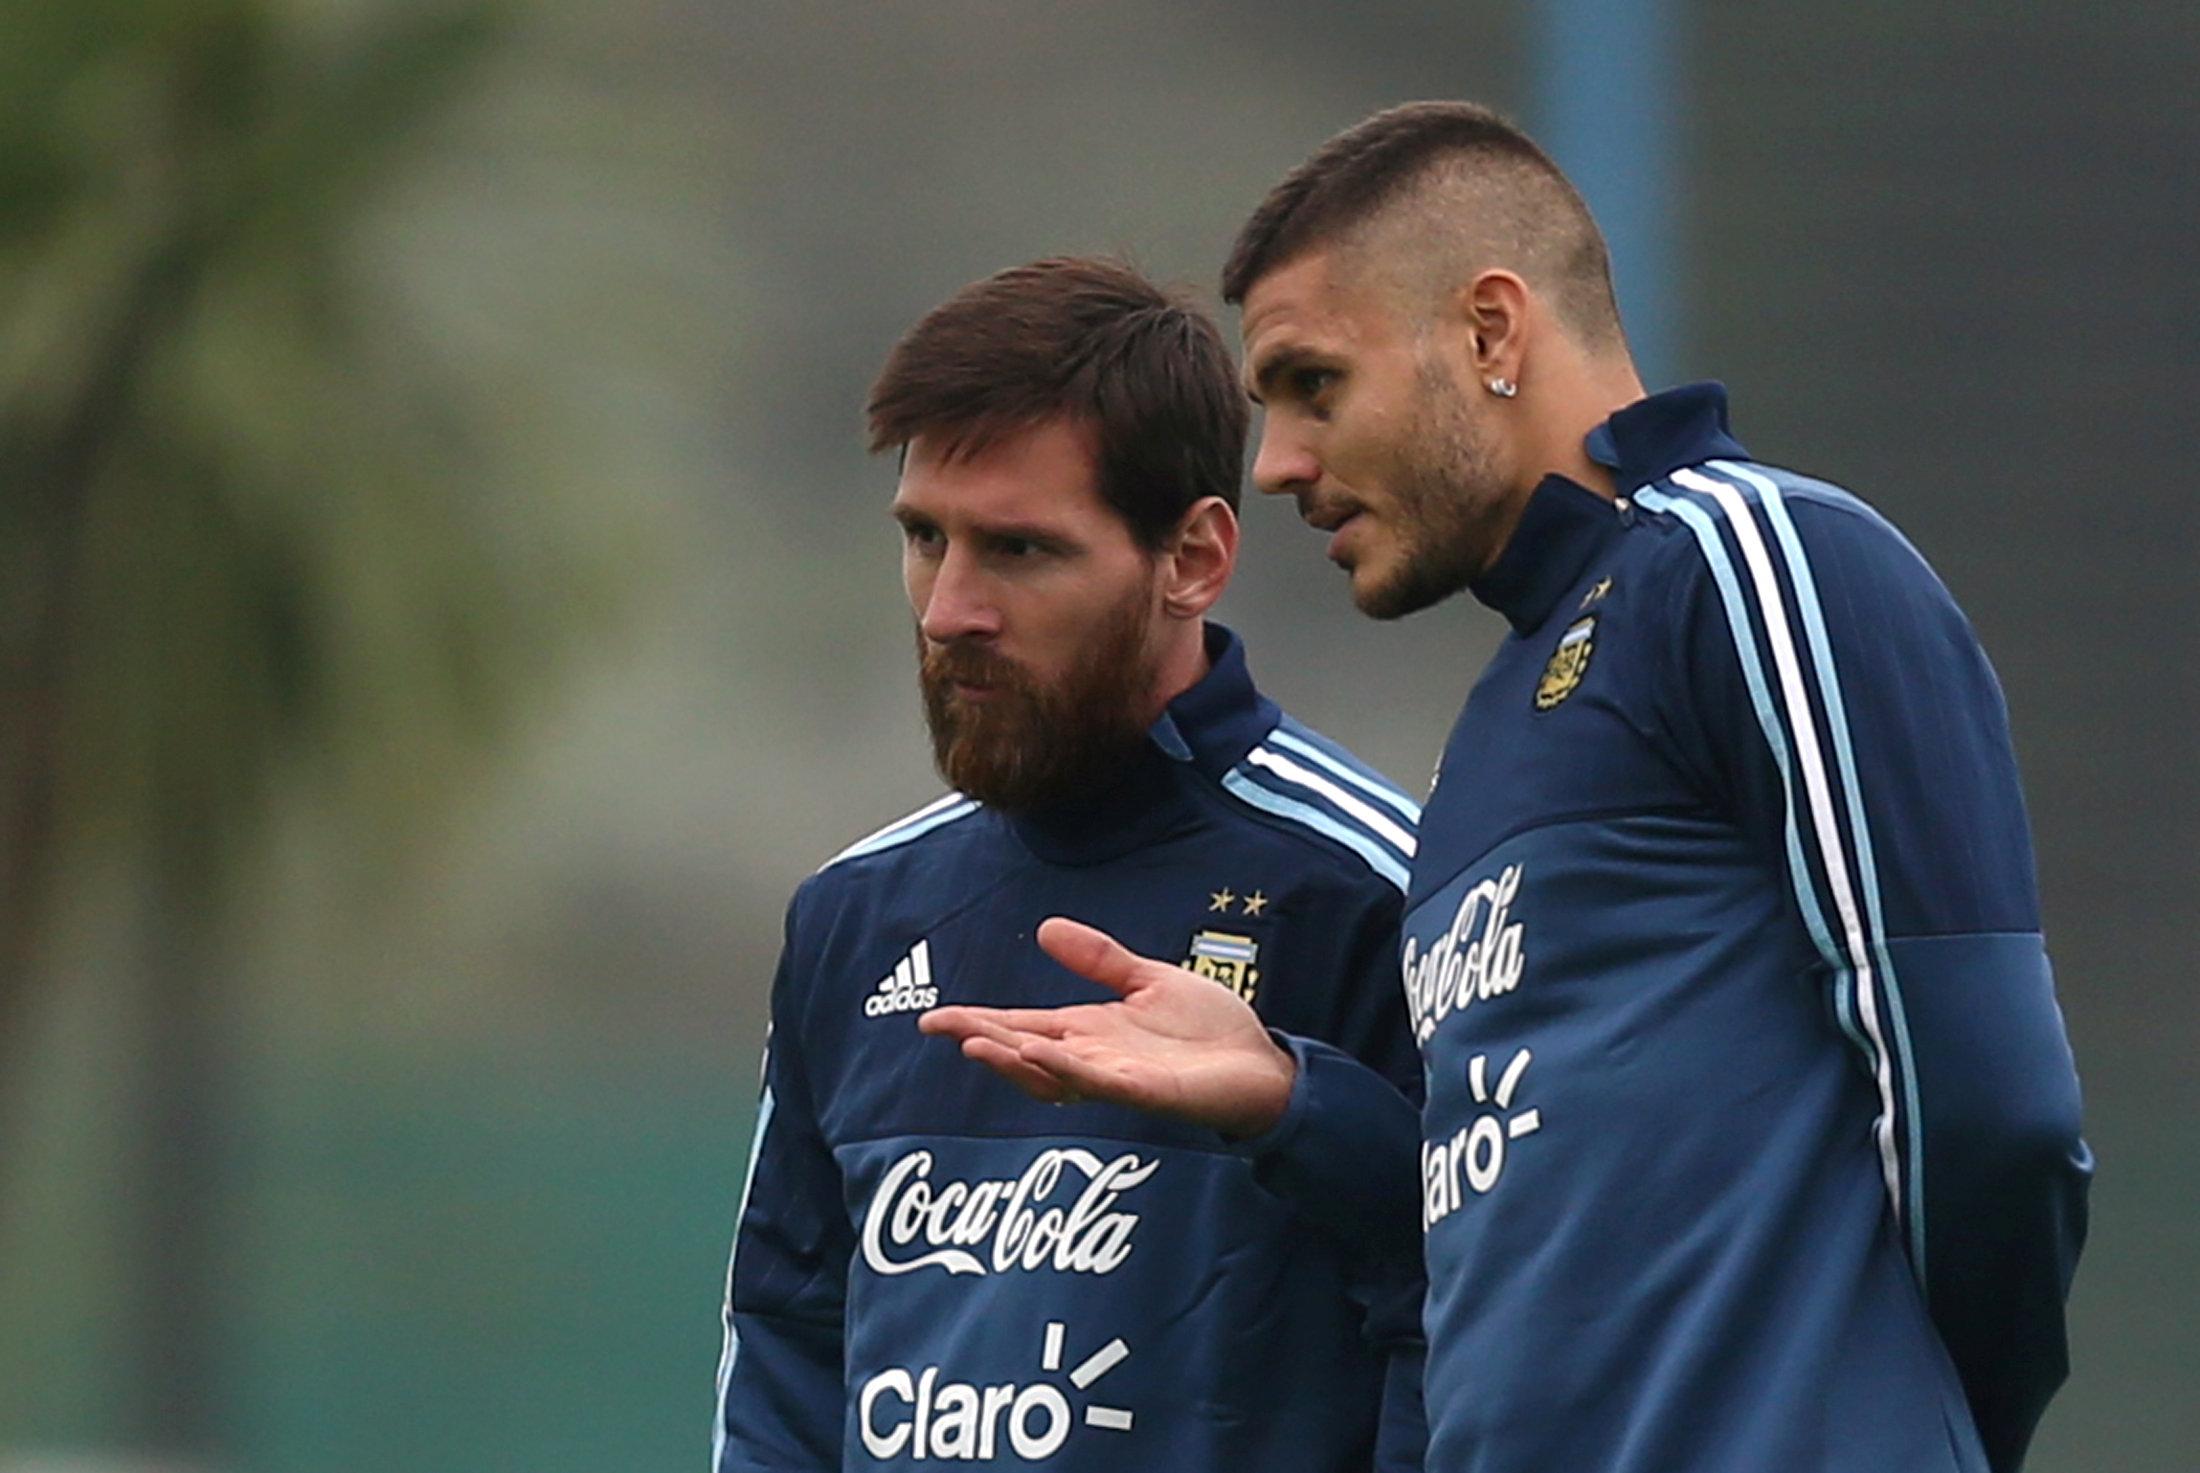 الأرجنتين تتسلح بنجمين